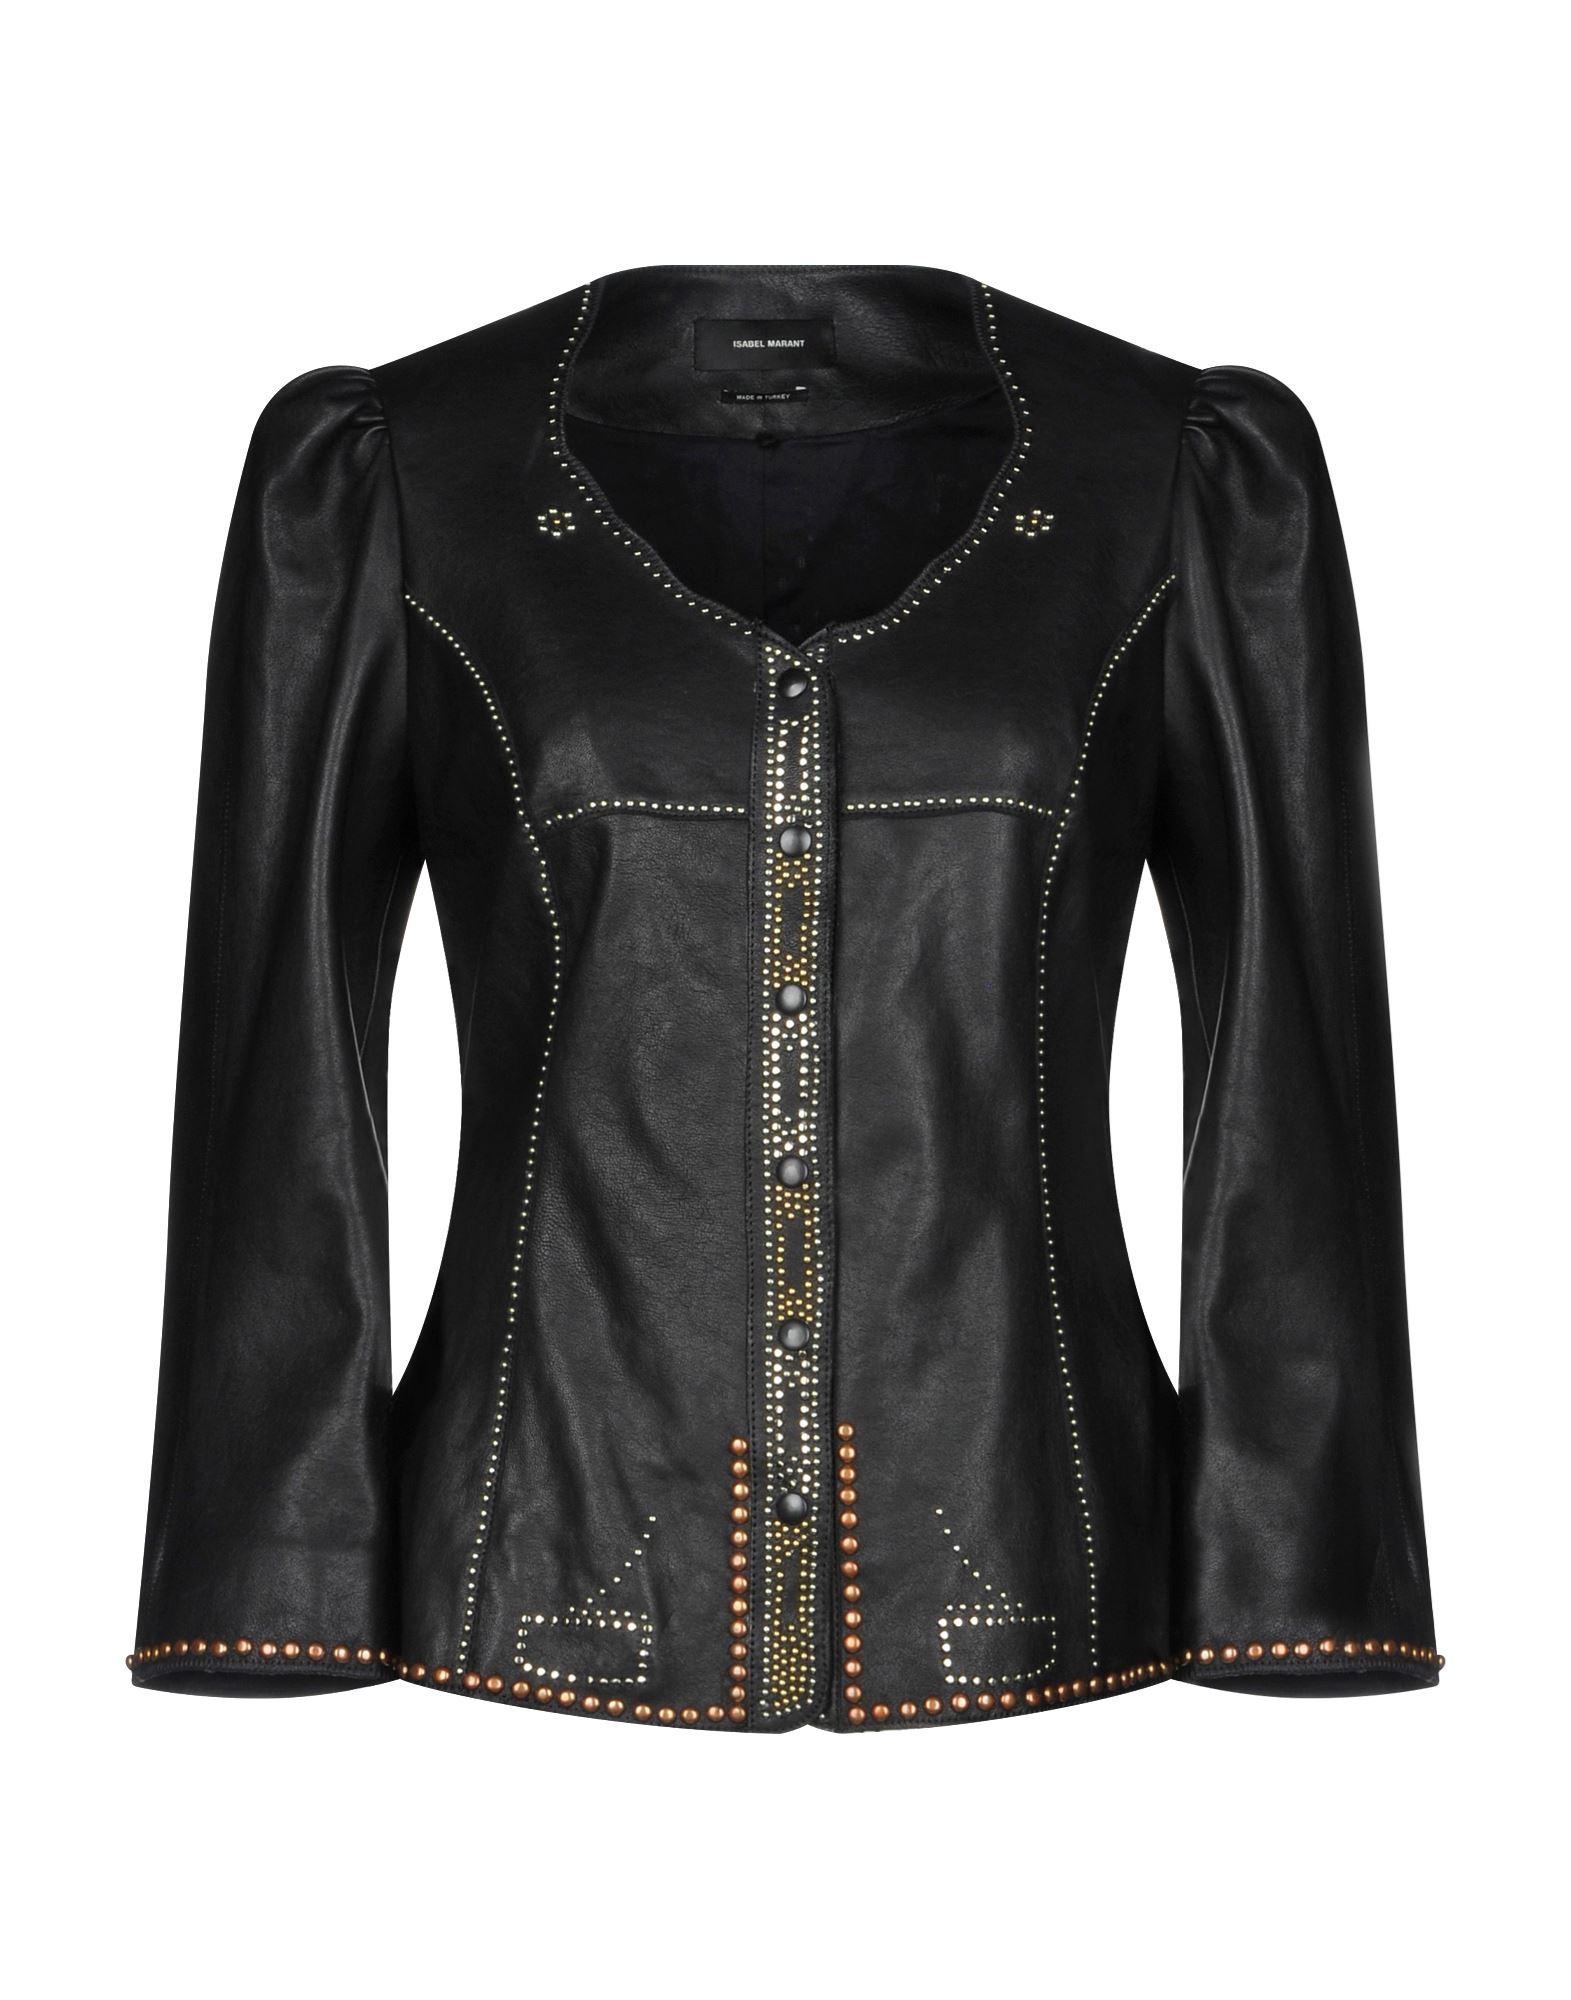 《送料無料》ISABEL MARANT レディース テーラードジャケット ブラック 36 羊革(ラムスキン) 100%